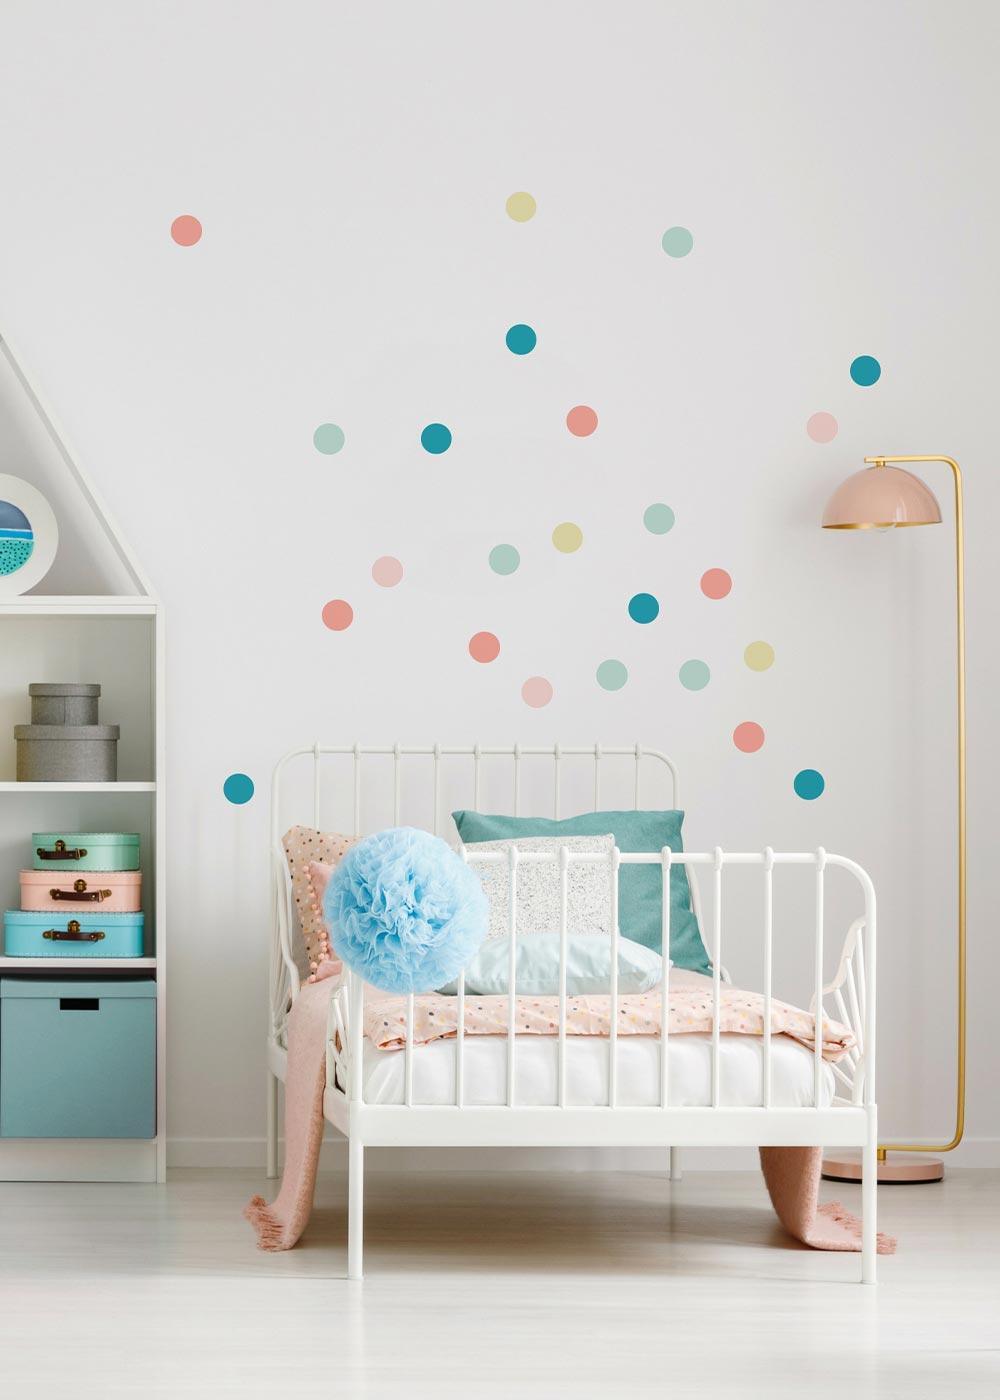 Stickerset Polka dots Pastell Beispiel Kinderzimmerbett